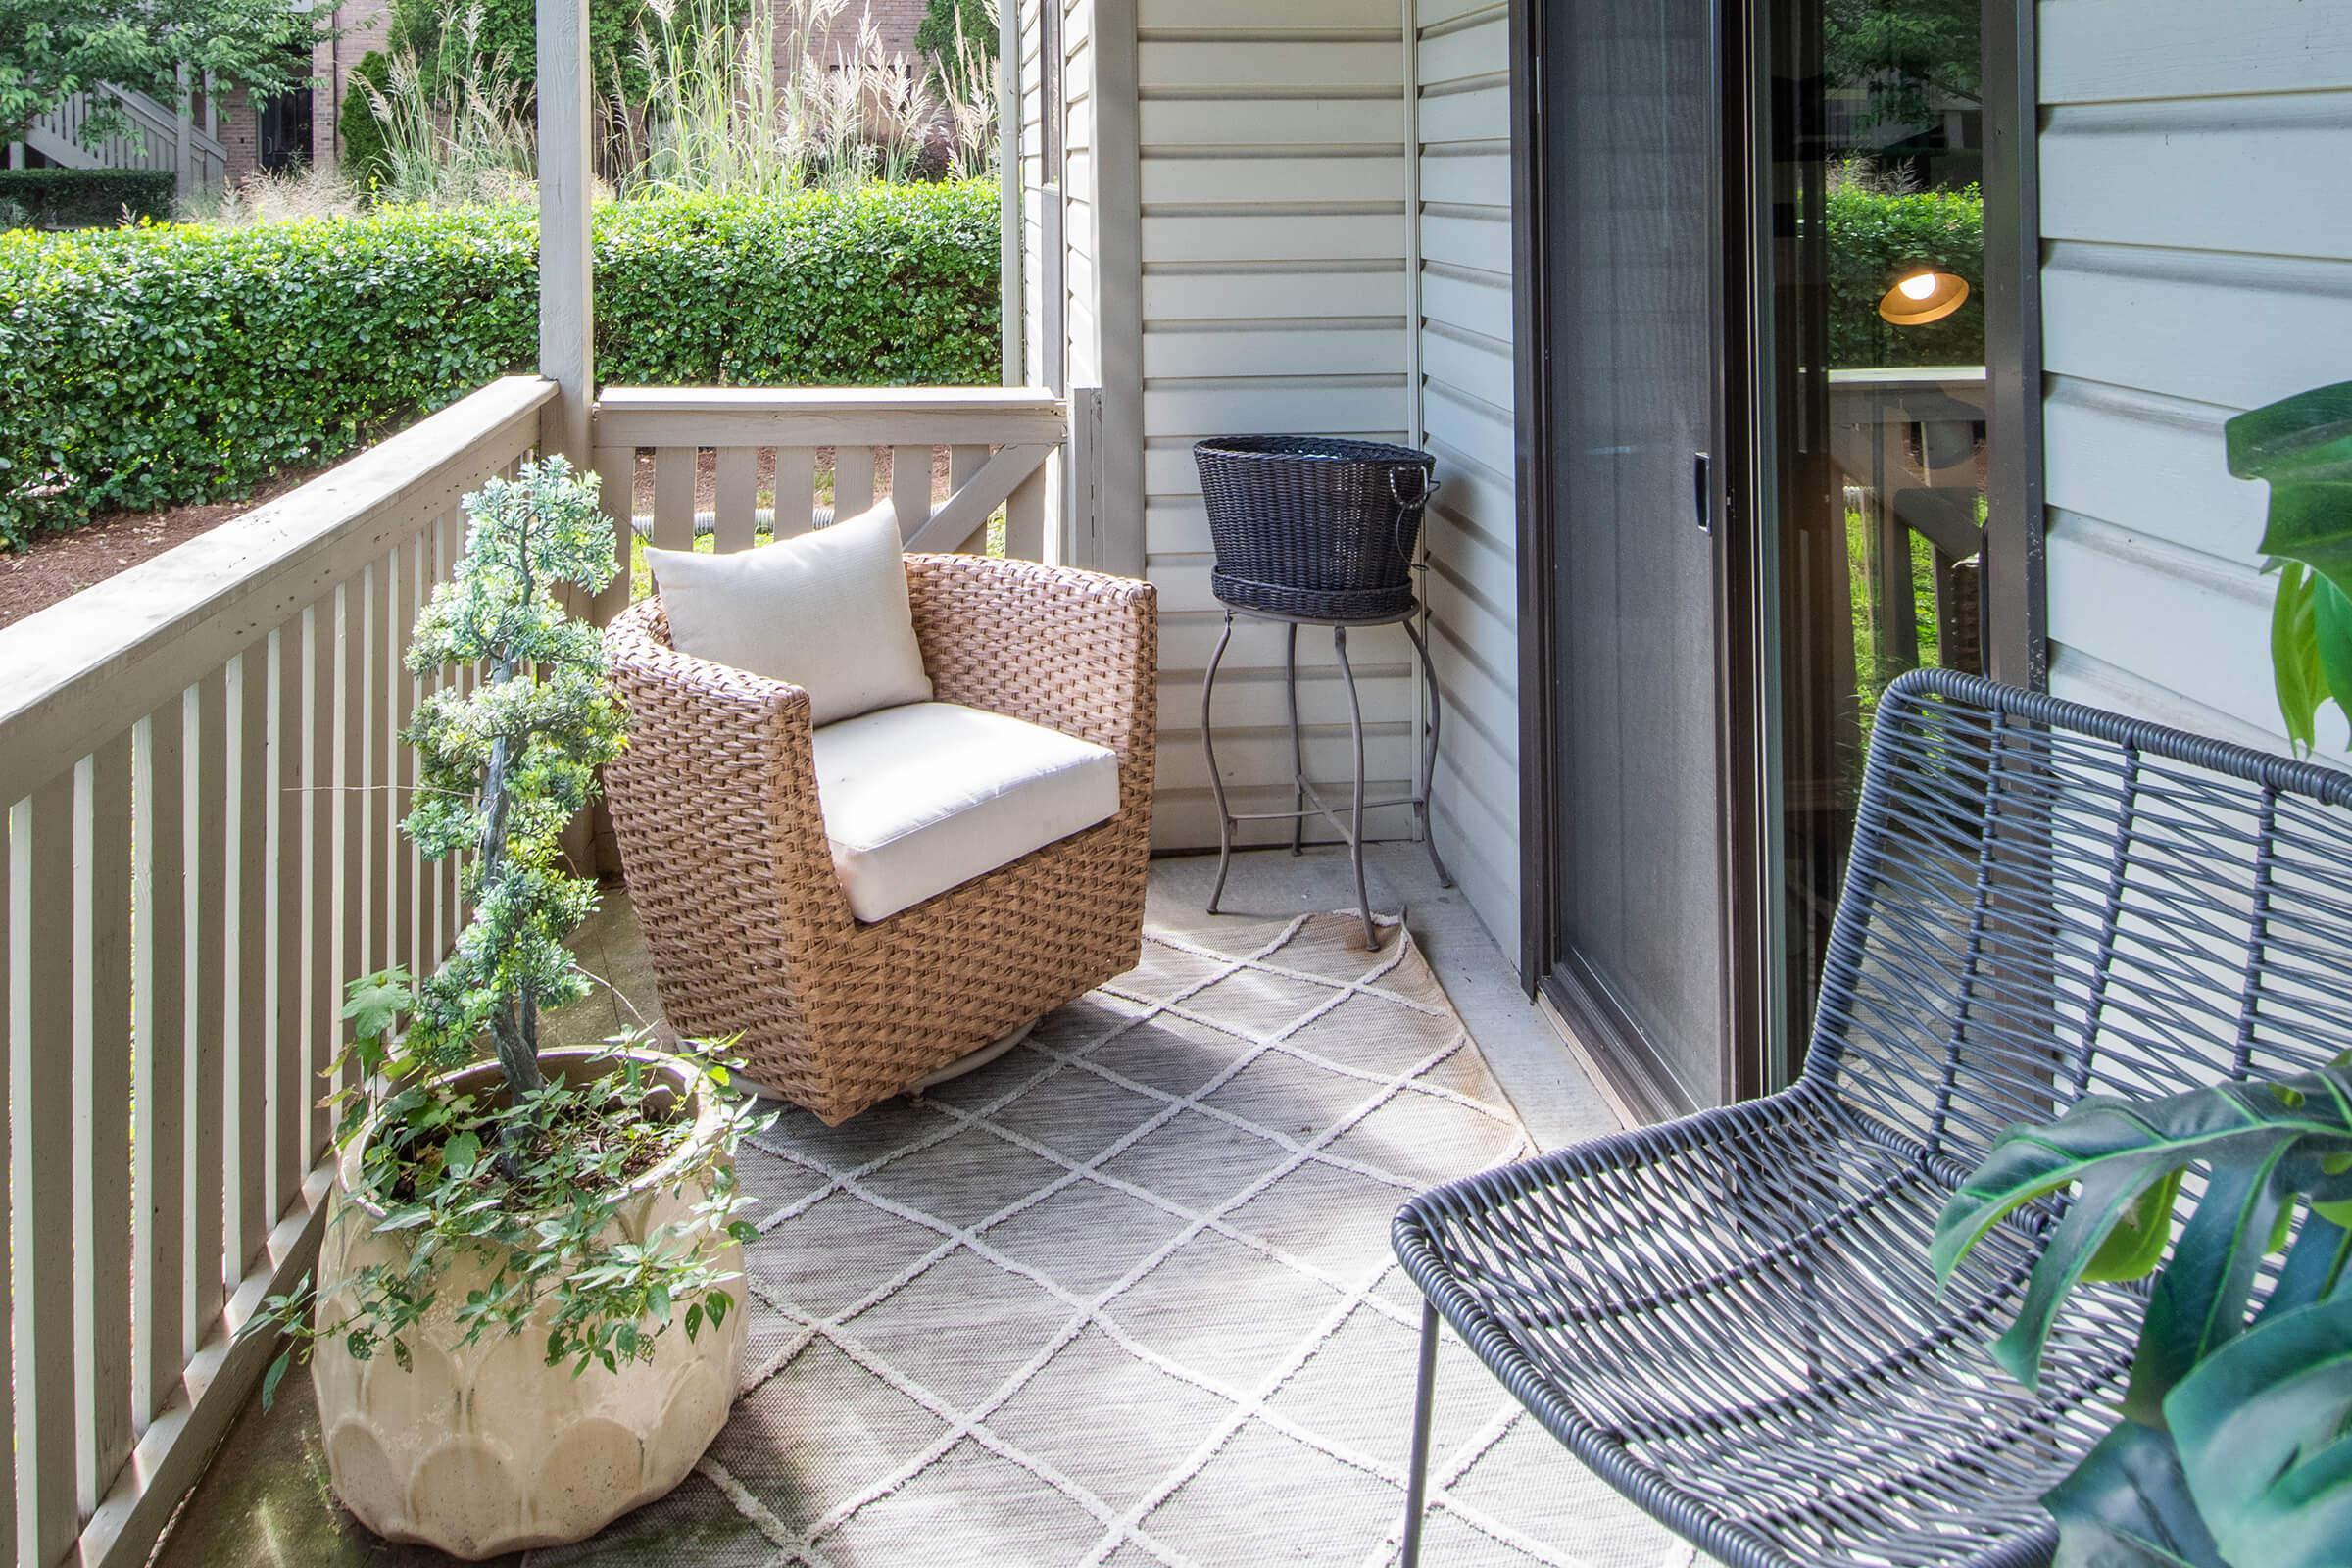 a green chair in a garden